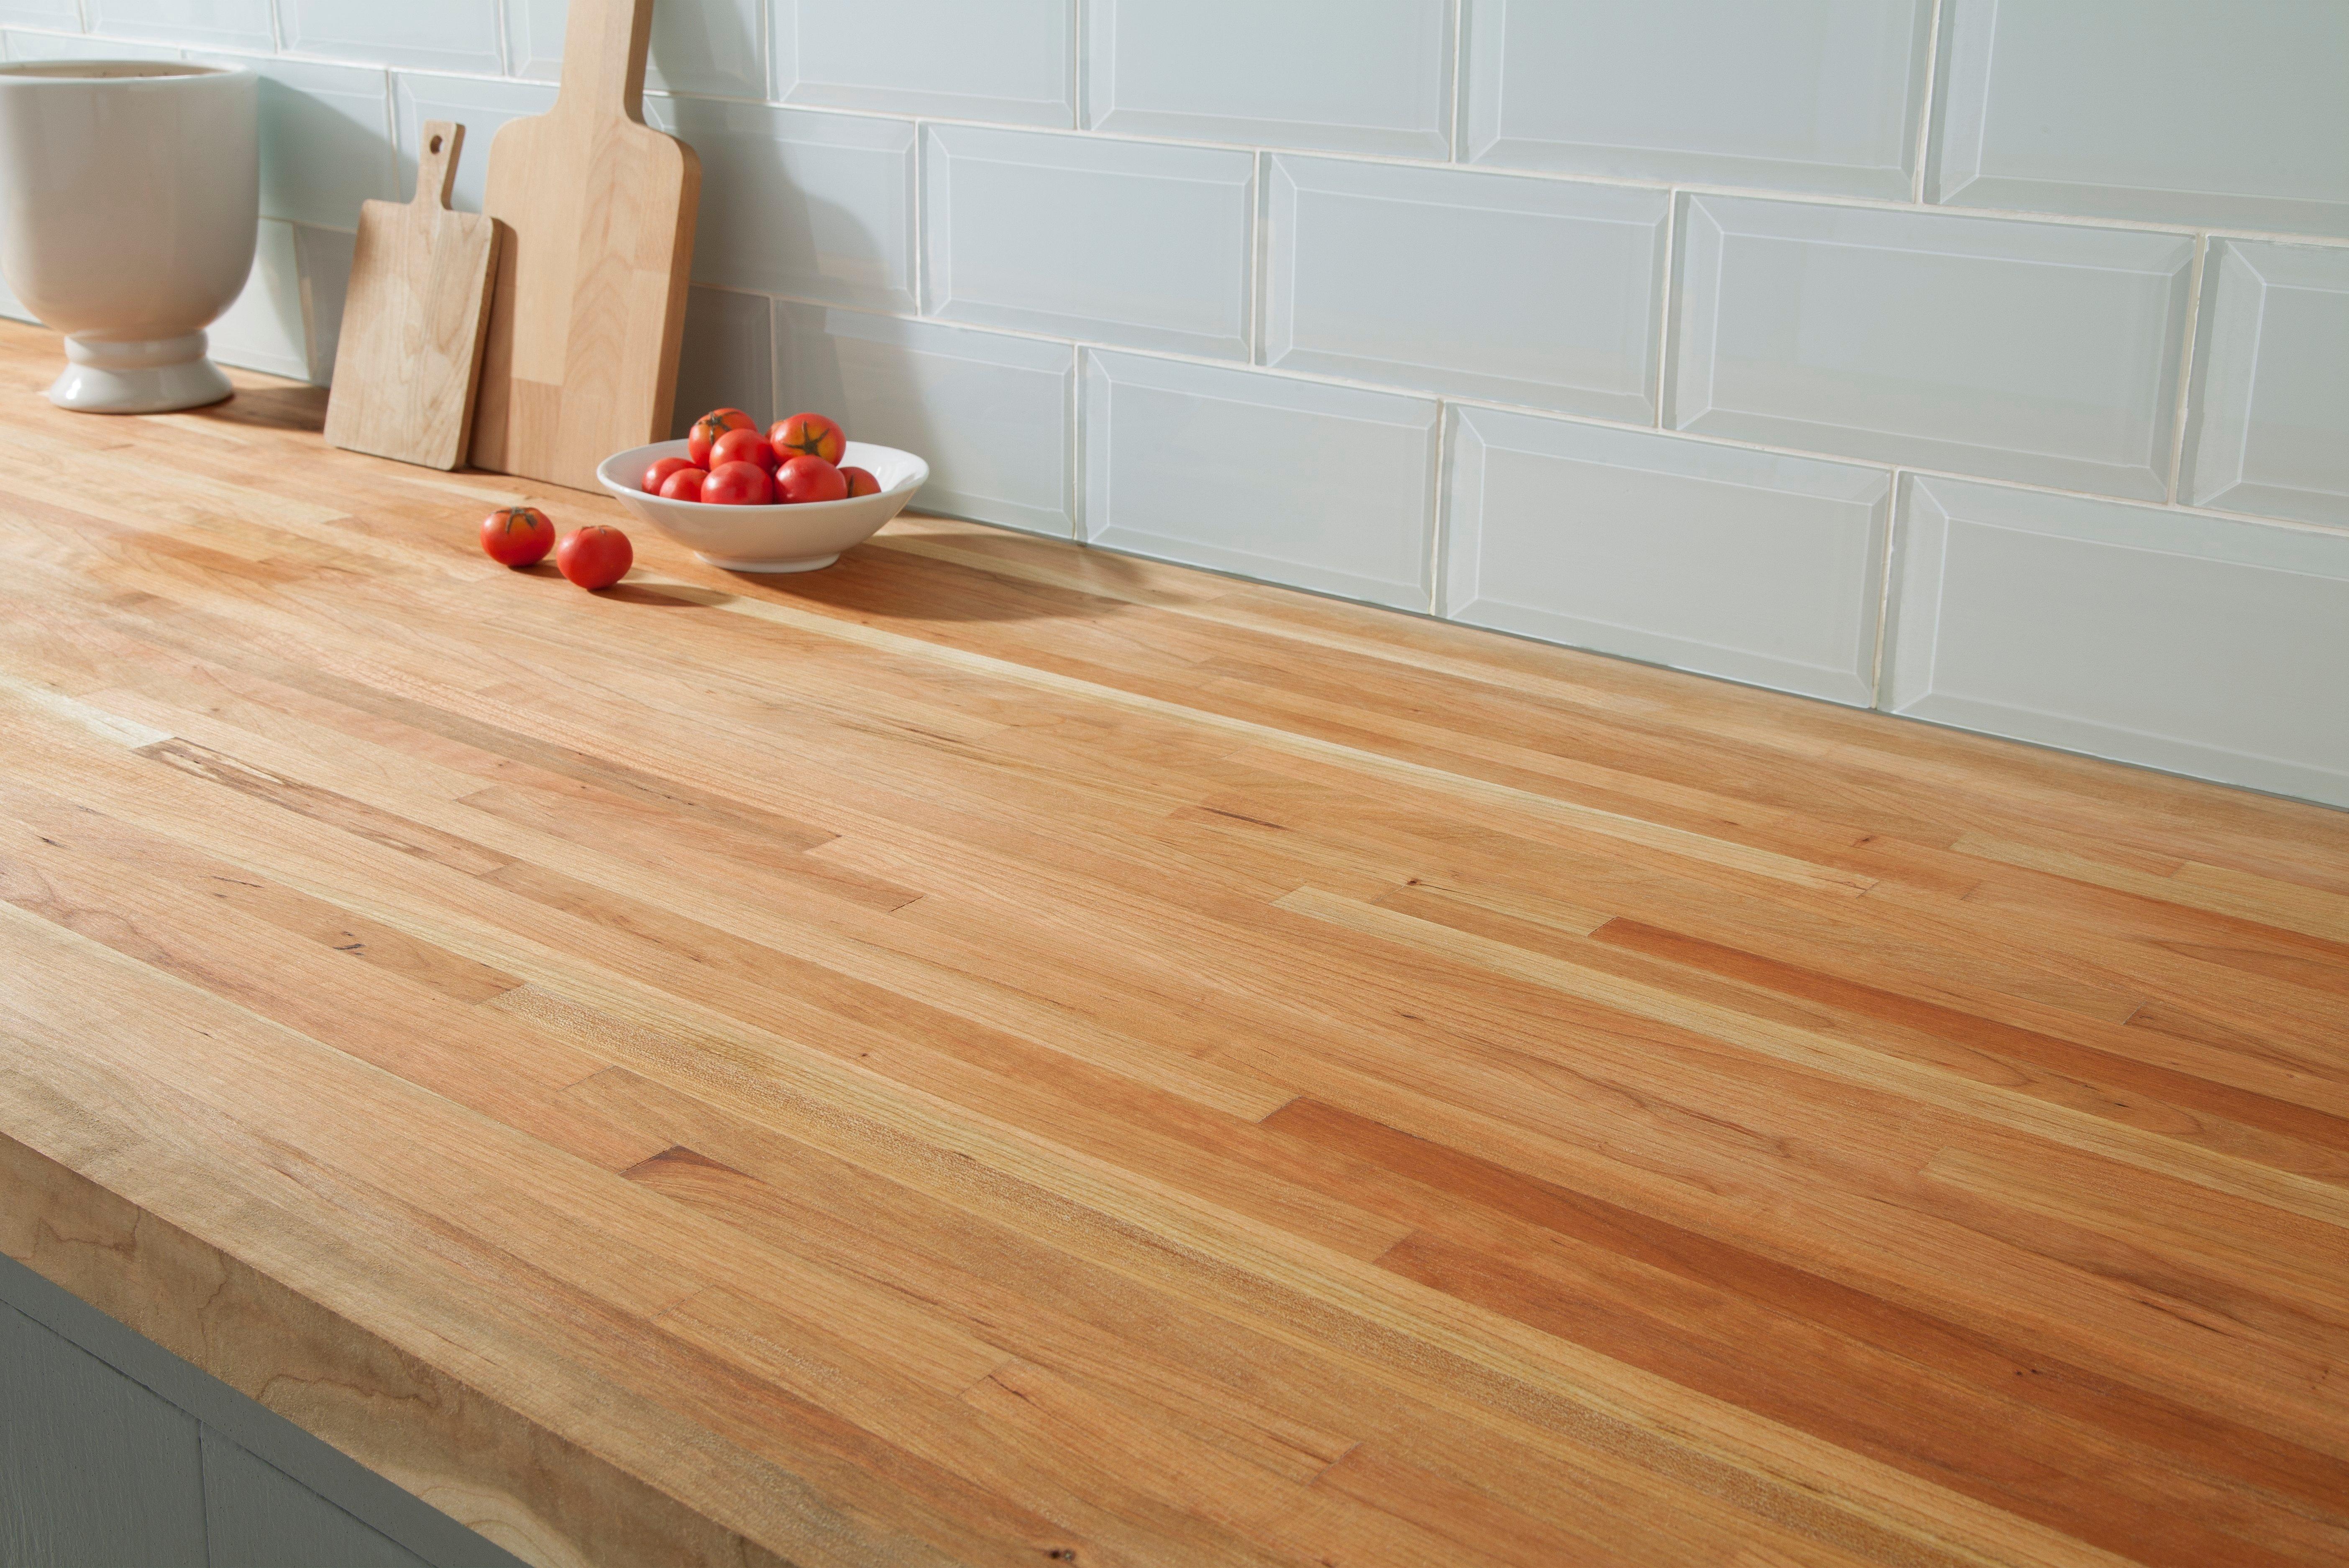 American Cherry Butcher Block Countertop 8ft 96in X 25in 100020650 Floor And Decor